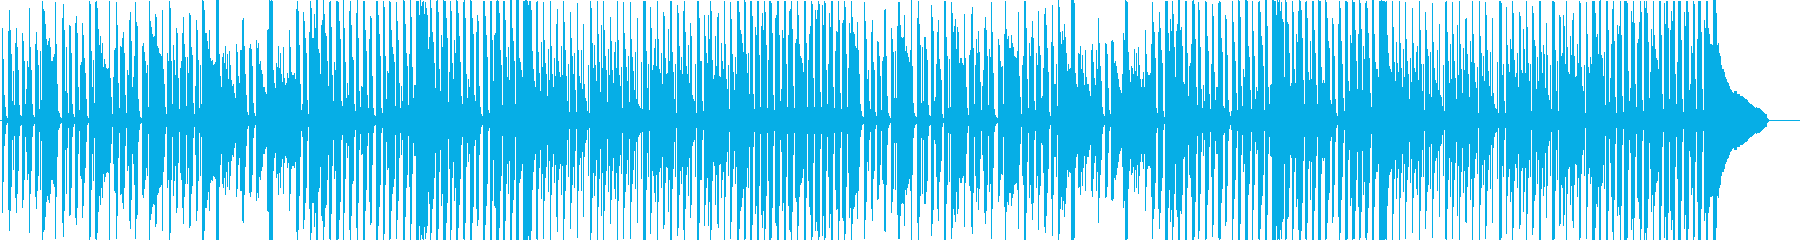 力が抜けるような呑気で平和なコミカル曲の再生済みの波形